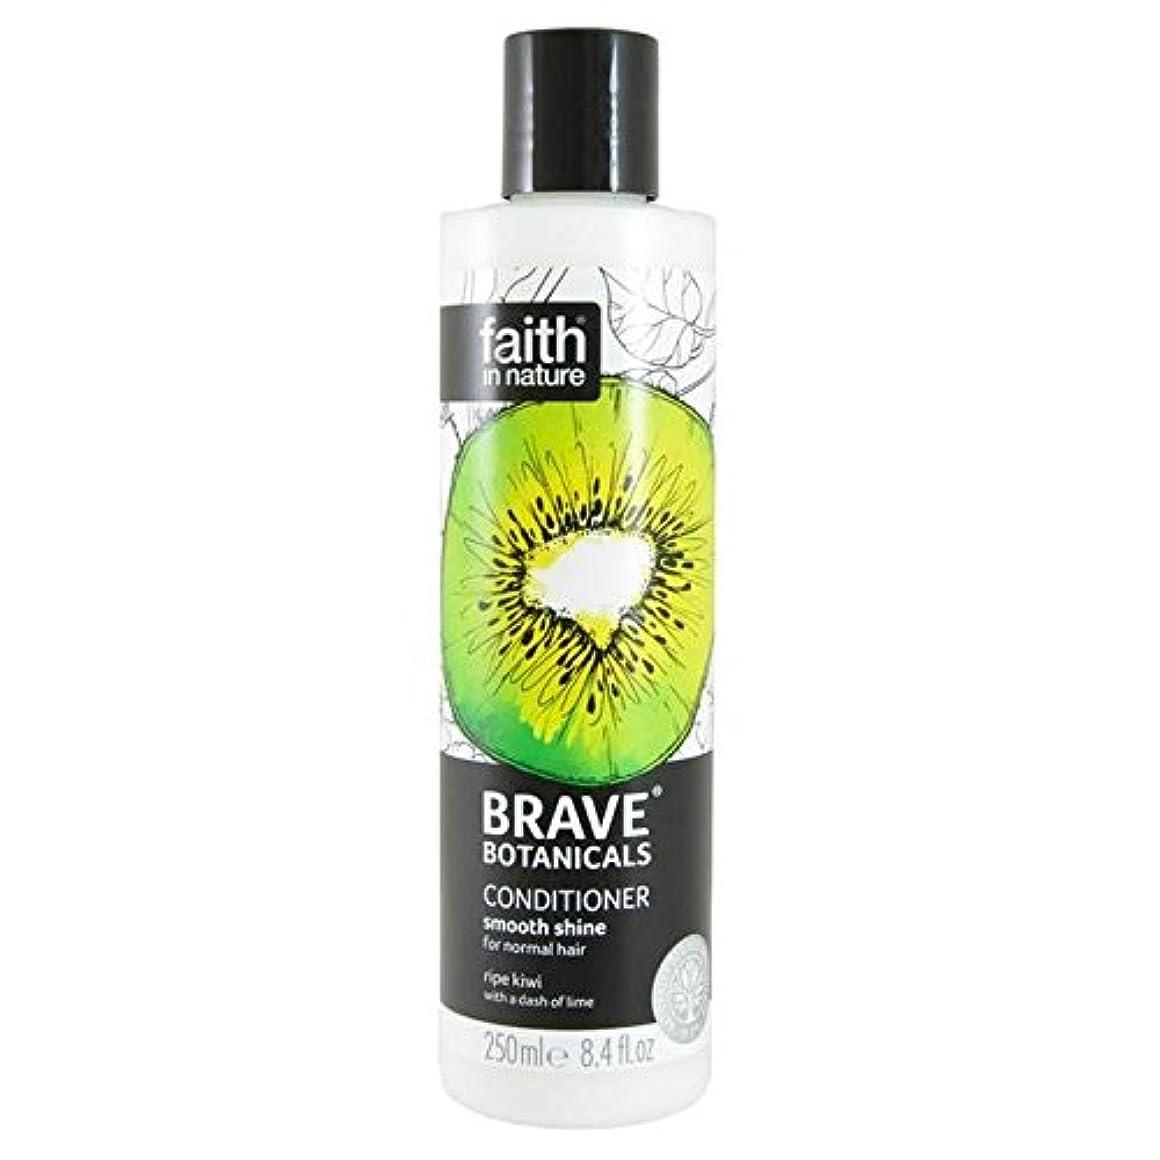 垂直滑り台打ち負かすBrave Botanicals Kiwi & Lime Smooth Shine Conditioner 250ml (Pack of 4) - (Faith In Nature) 勇敢な植物キウイ&ライムなめらかな輝...